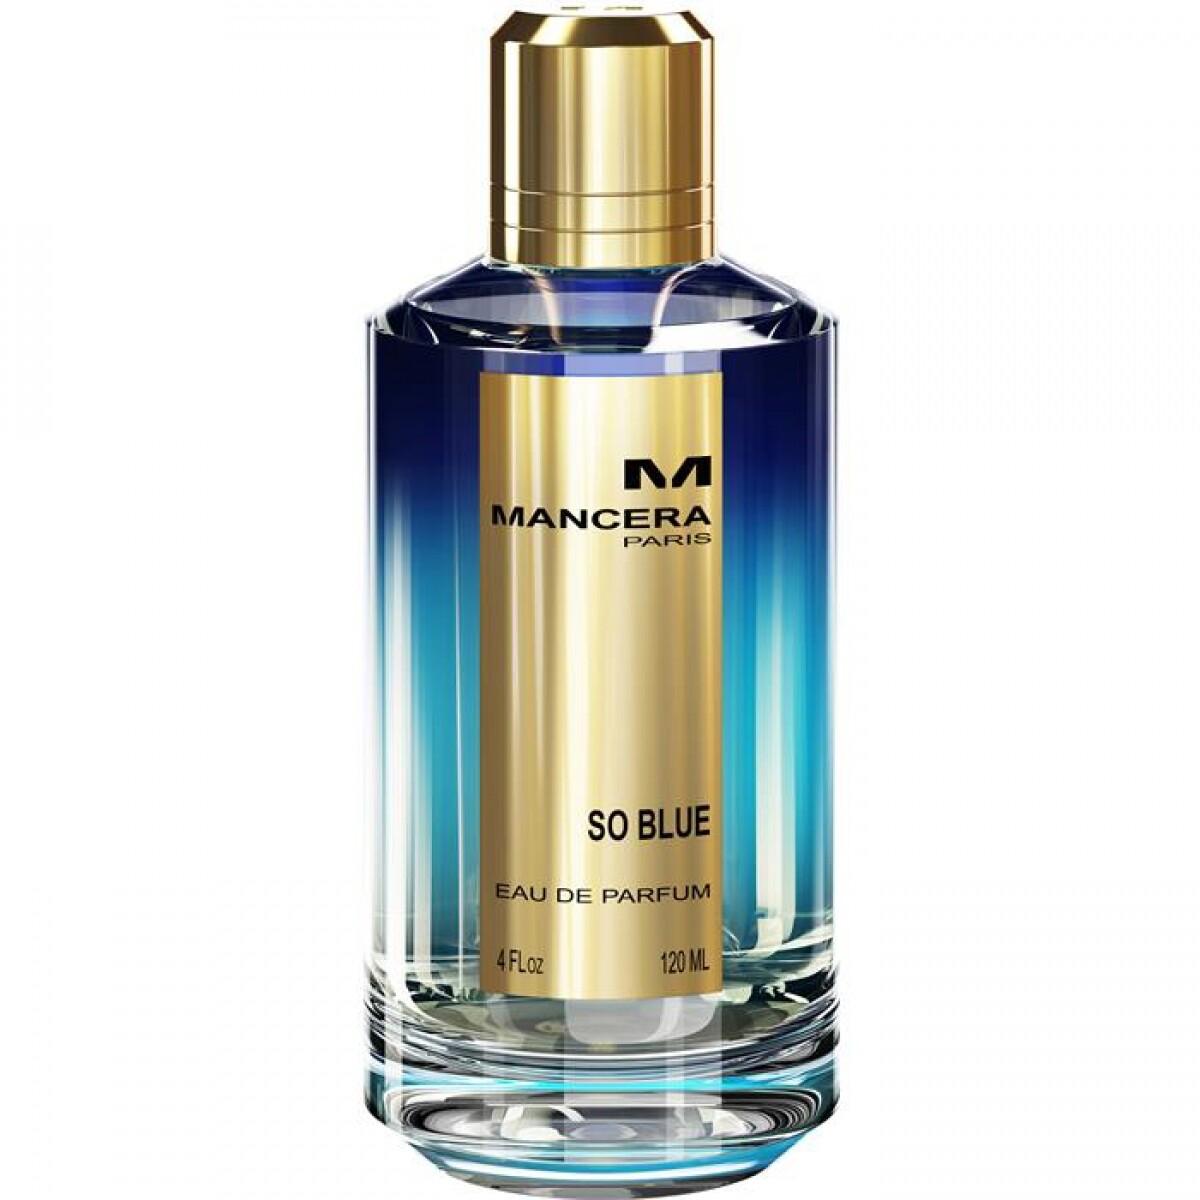 Mancera | So Blue 120ml | Parfum | 1260 diversen